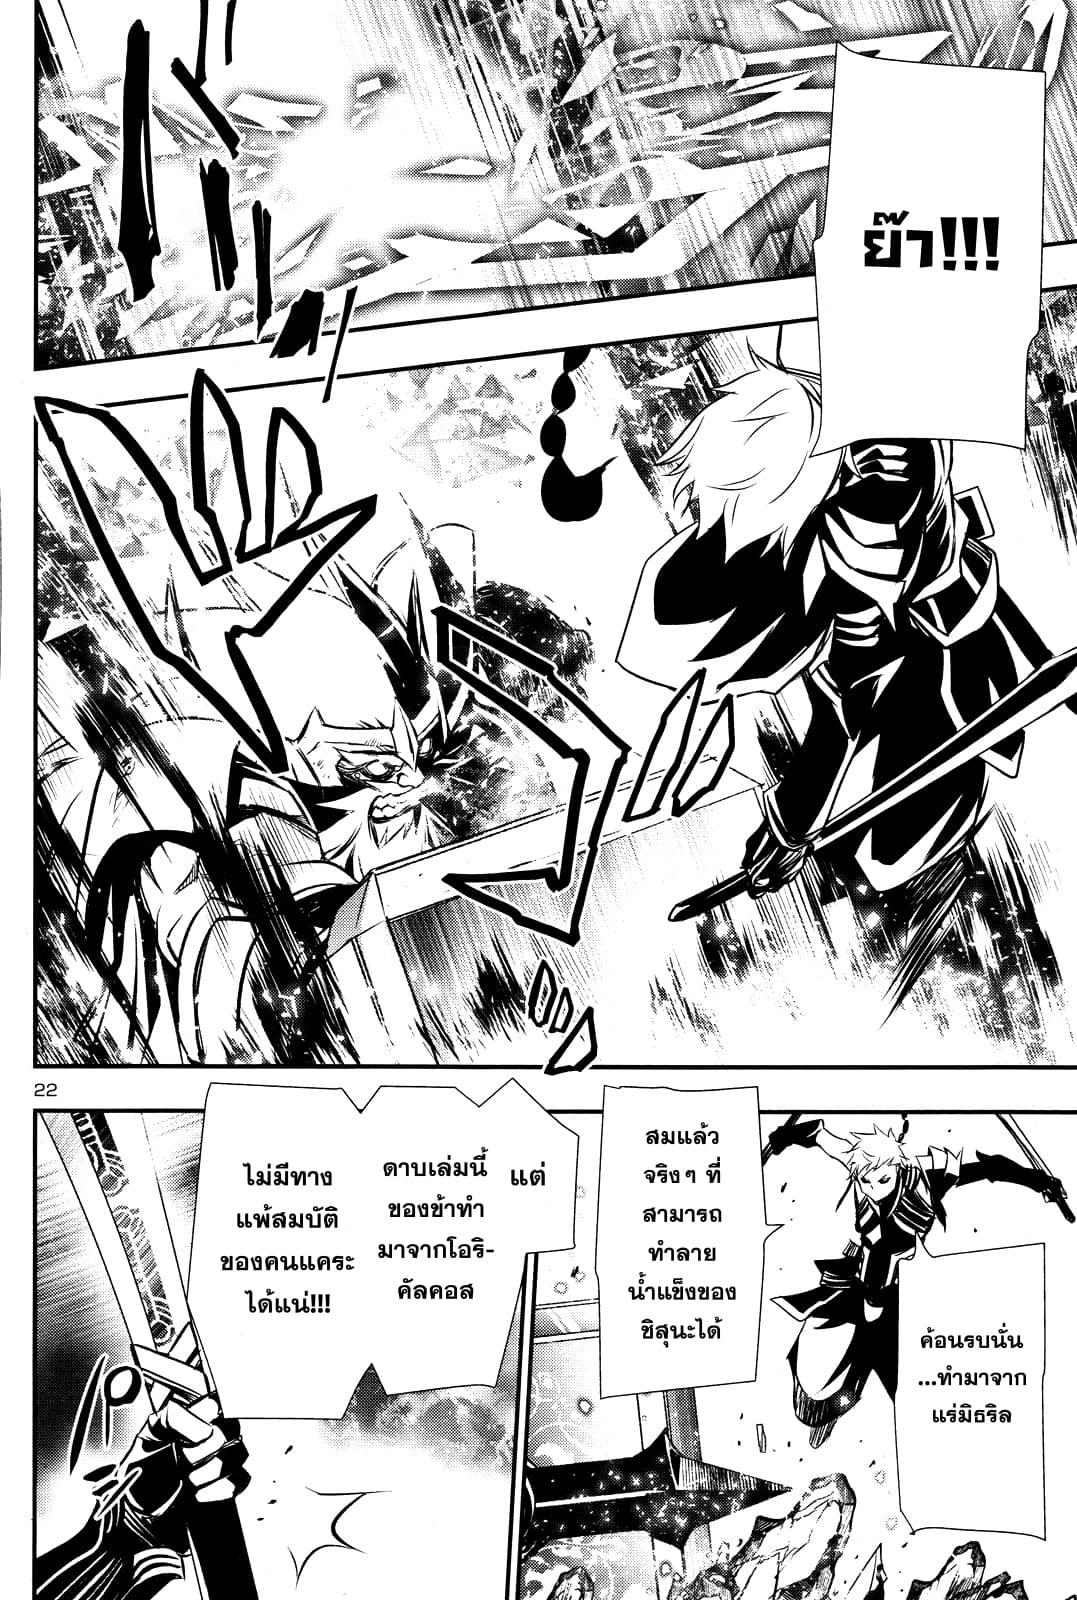 อ่านการ์ตูน Shinju no Nectar ตอนที่ 12 หน้าที่ 22